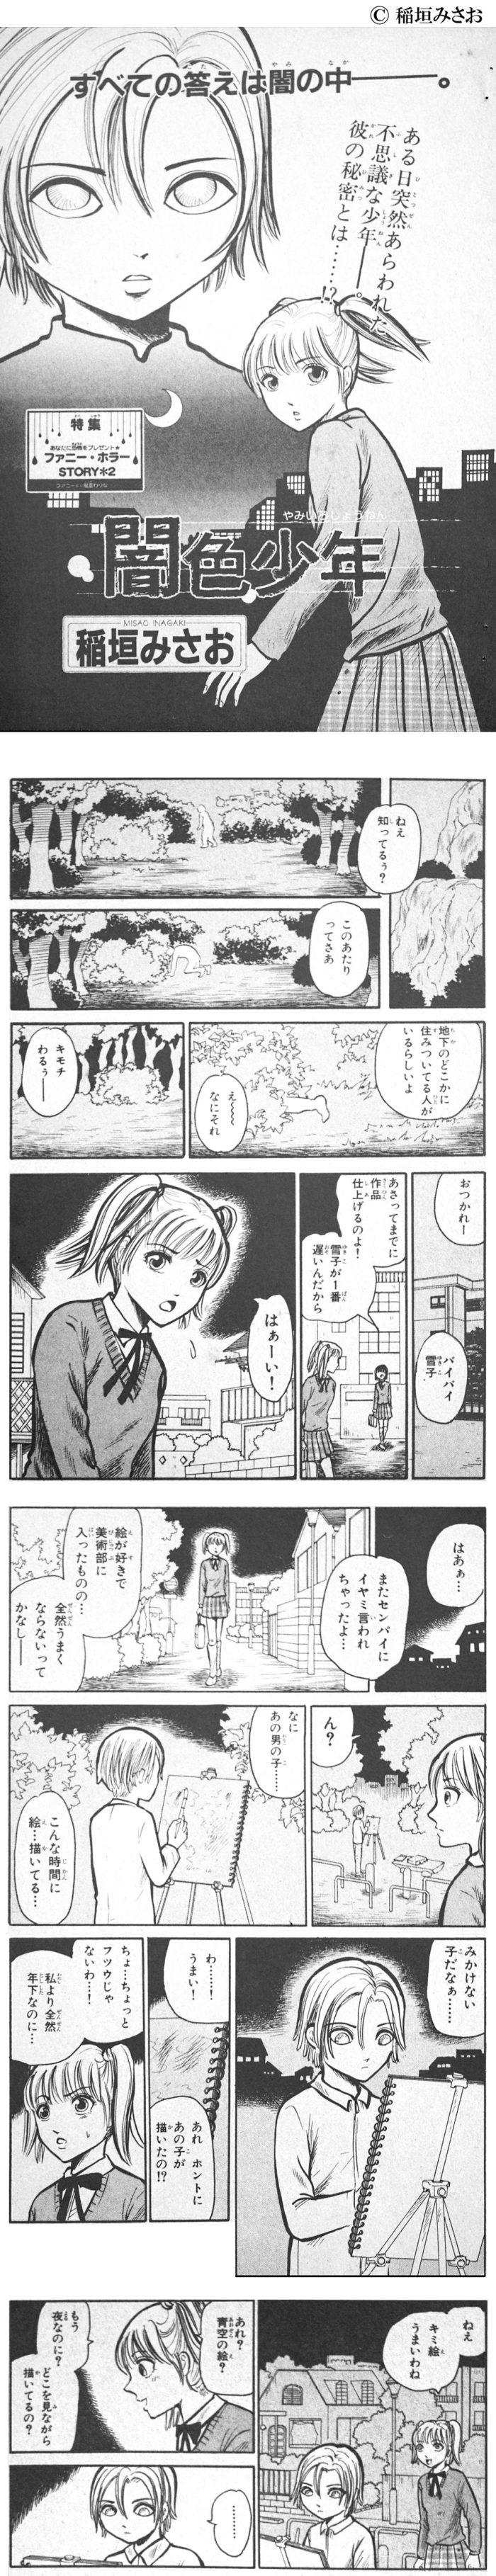 yamiiro01